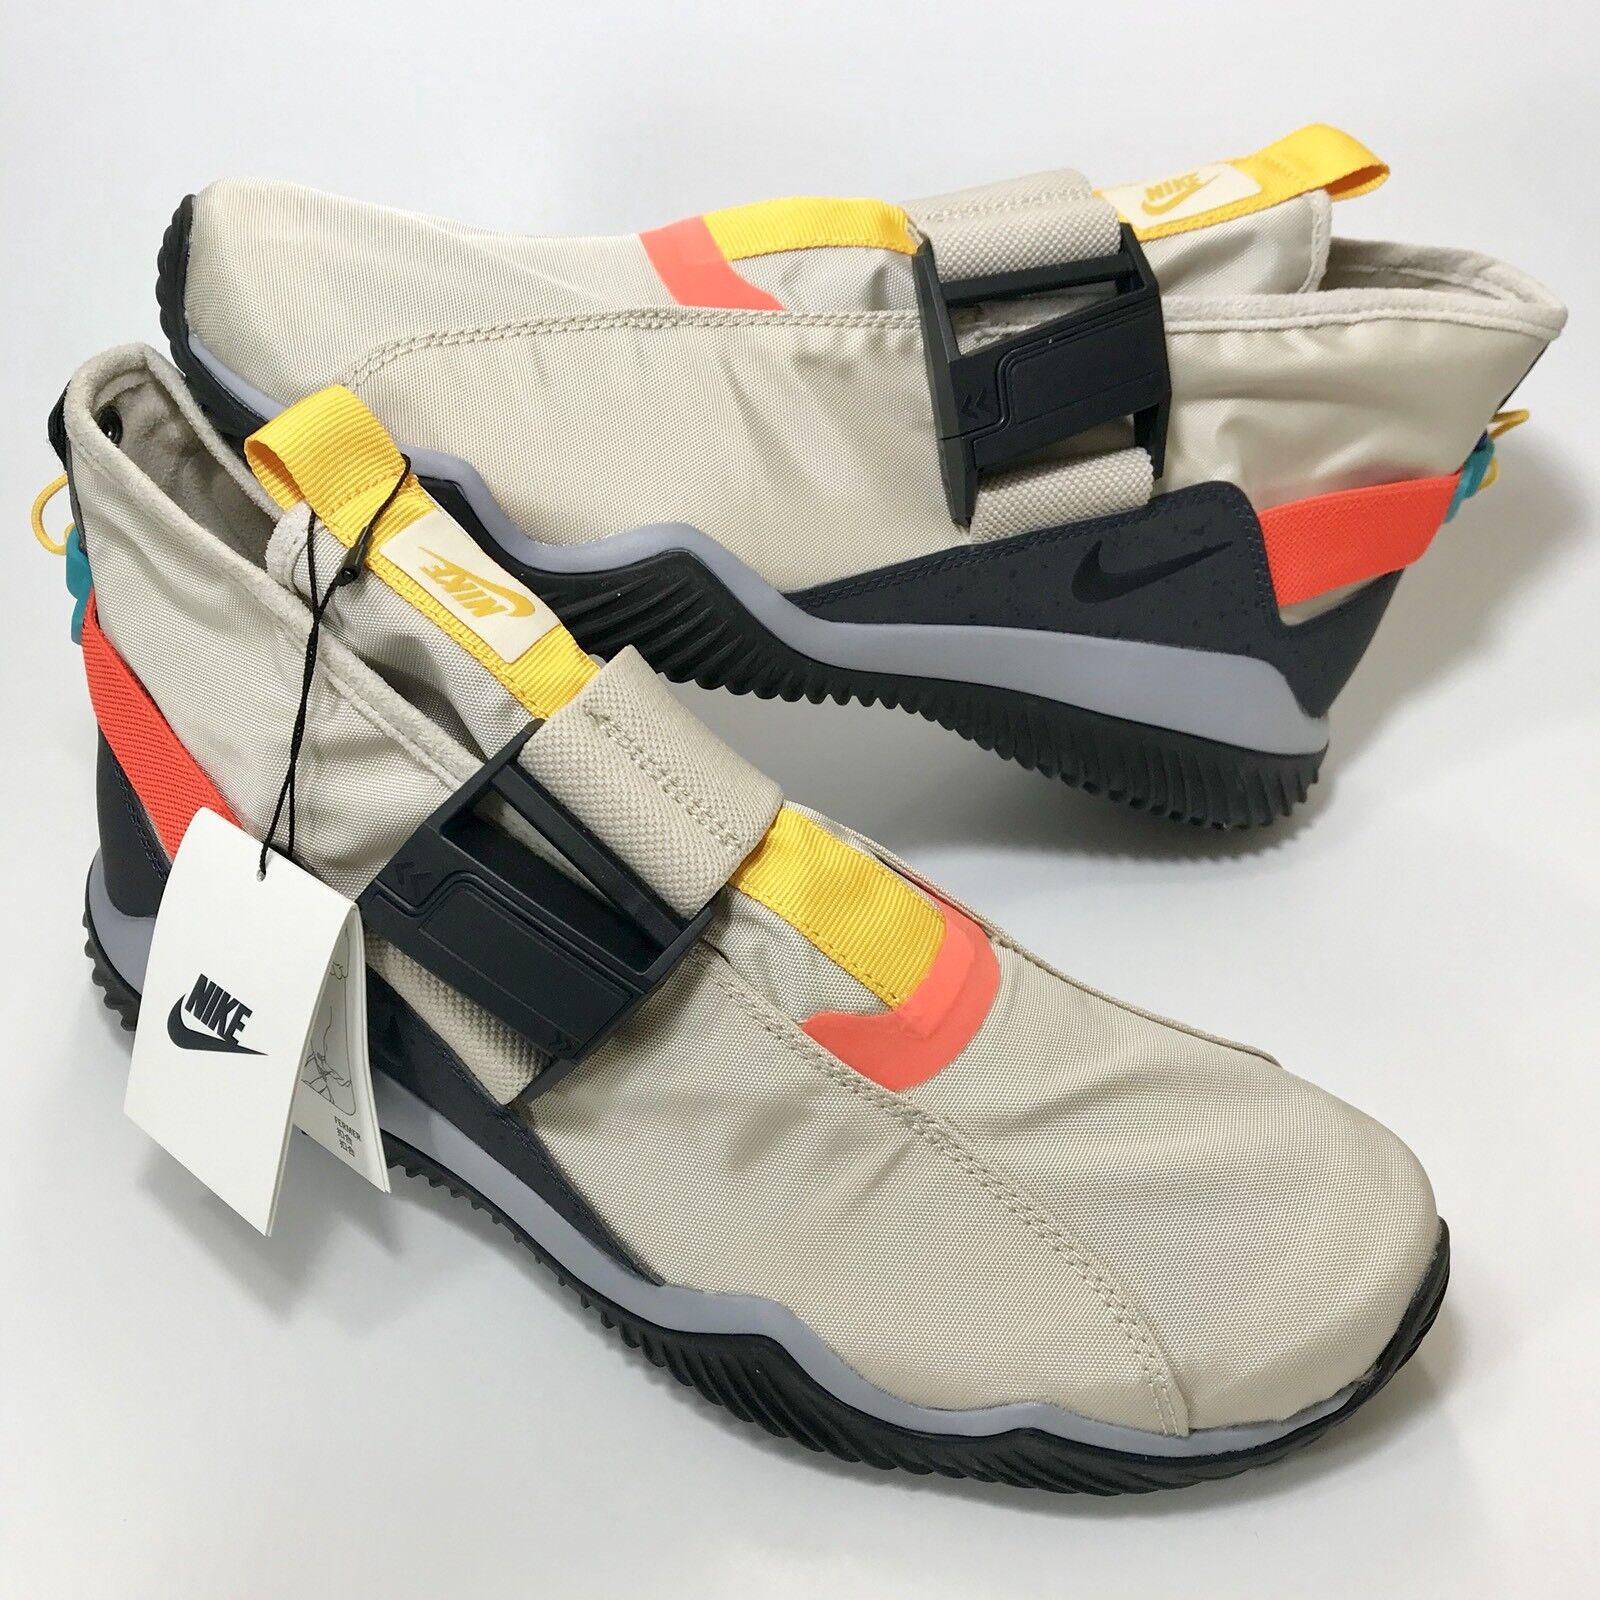 Zapatos Nike komyuter se KMTR hombres Birch Khaki Marrón aa0531 hombres KMTR es comodo 2c6c4e